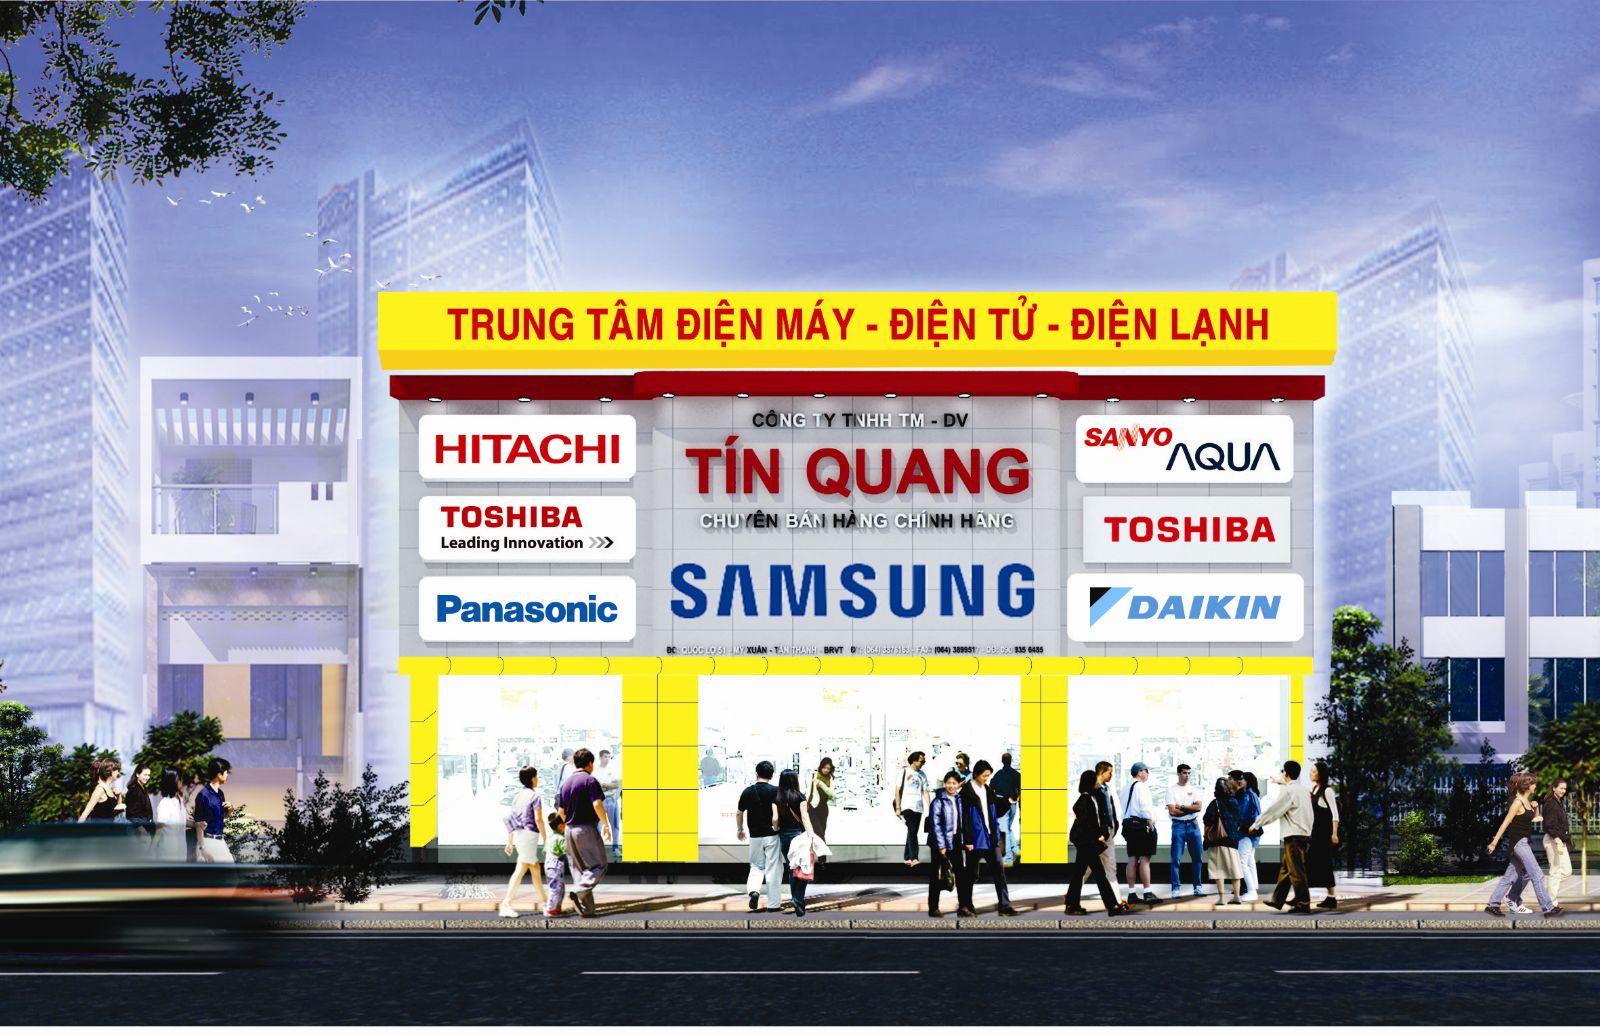 thiết kế thi công posm quảng cáo 8